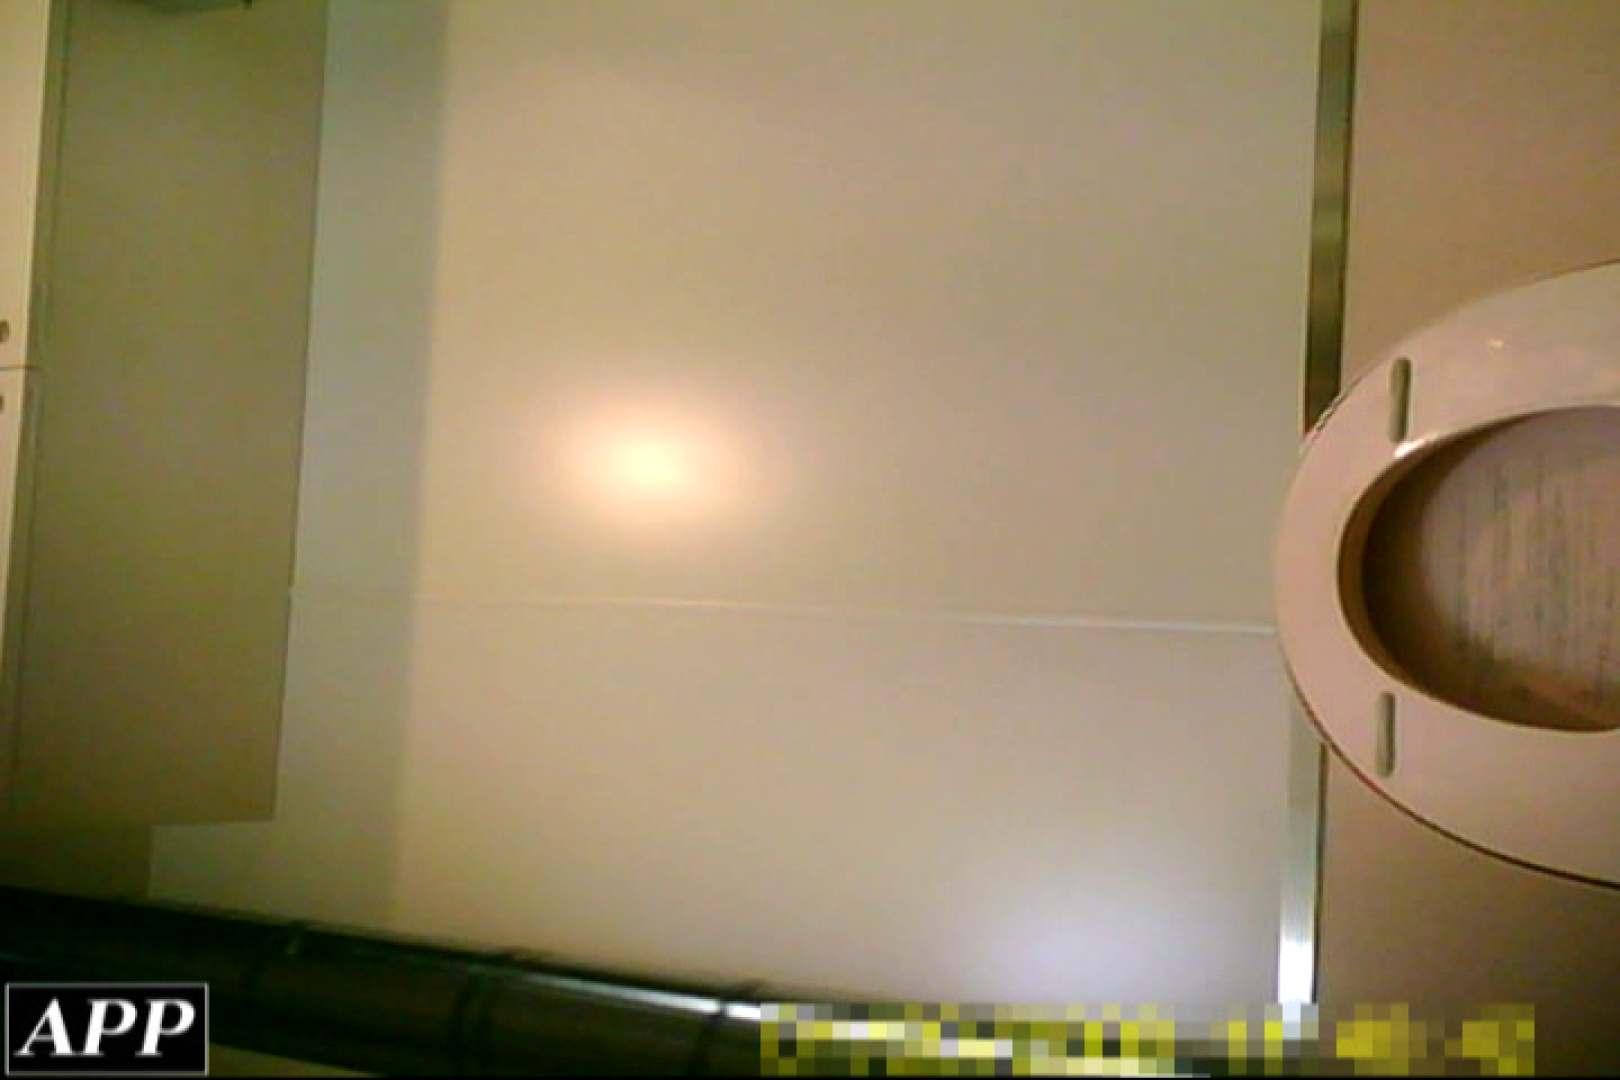 3視点洗面所 vol.77 OLのボディ われめAV動画紹介 94PIX 45